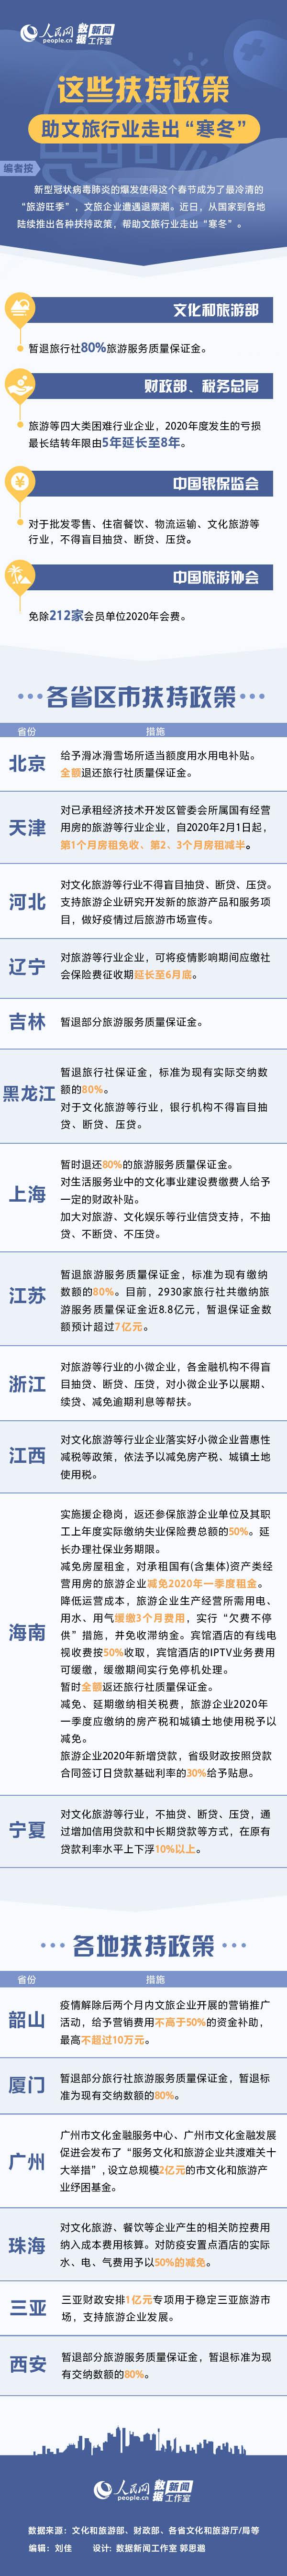 """文旅企业图解:这些扶持政策助文旅行业走出""""寒冬"""""""